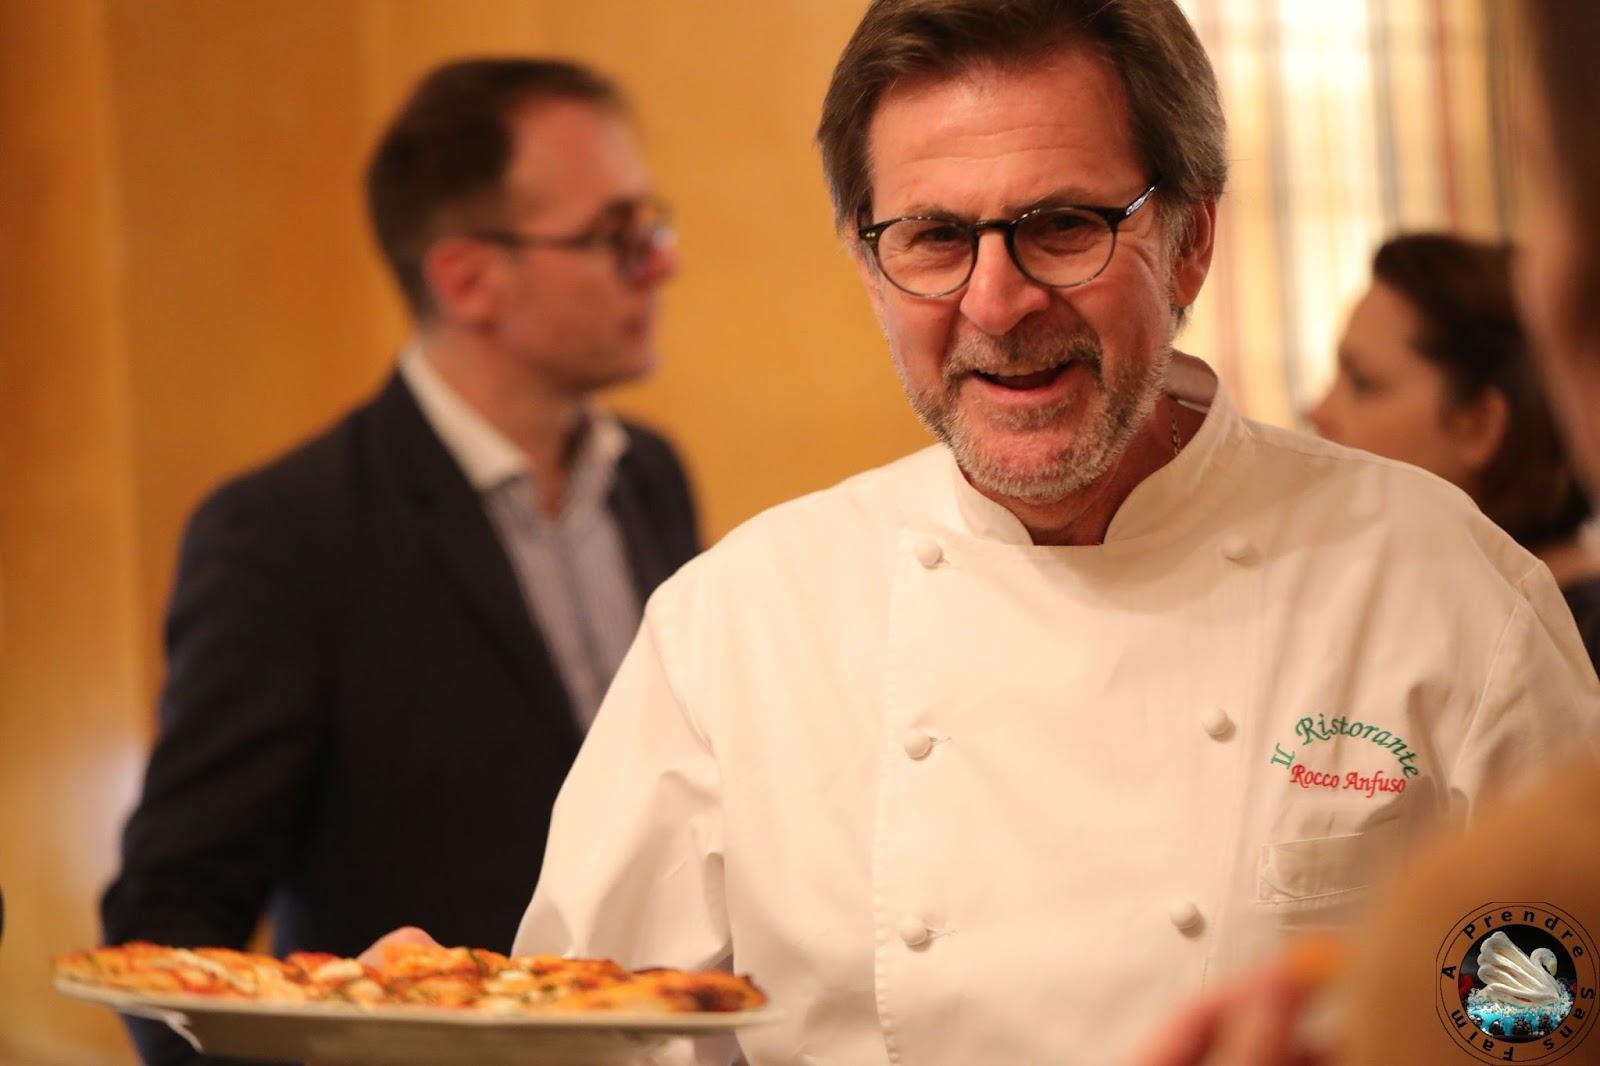 Il Ristorante du chef Rocco Anfuso : l'Italie à portée de main !